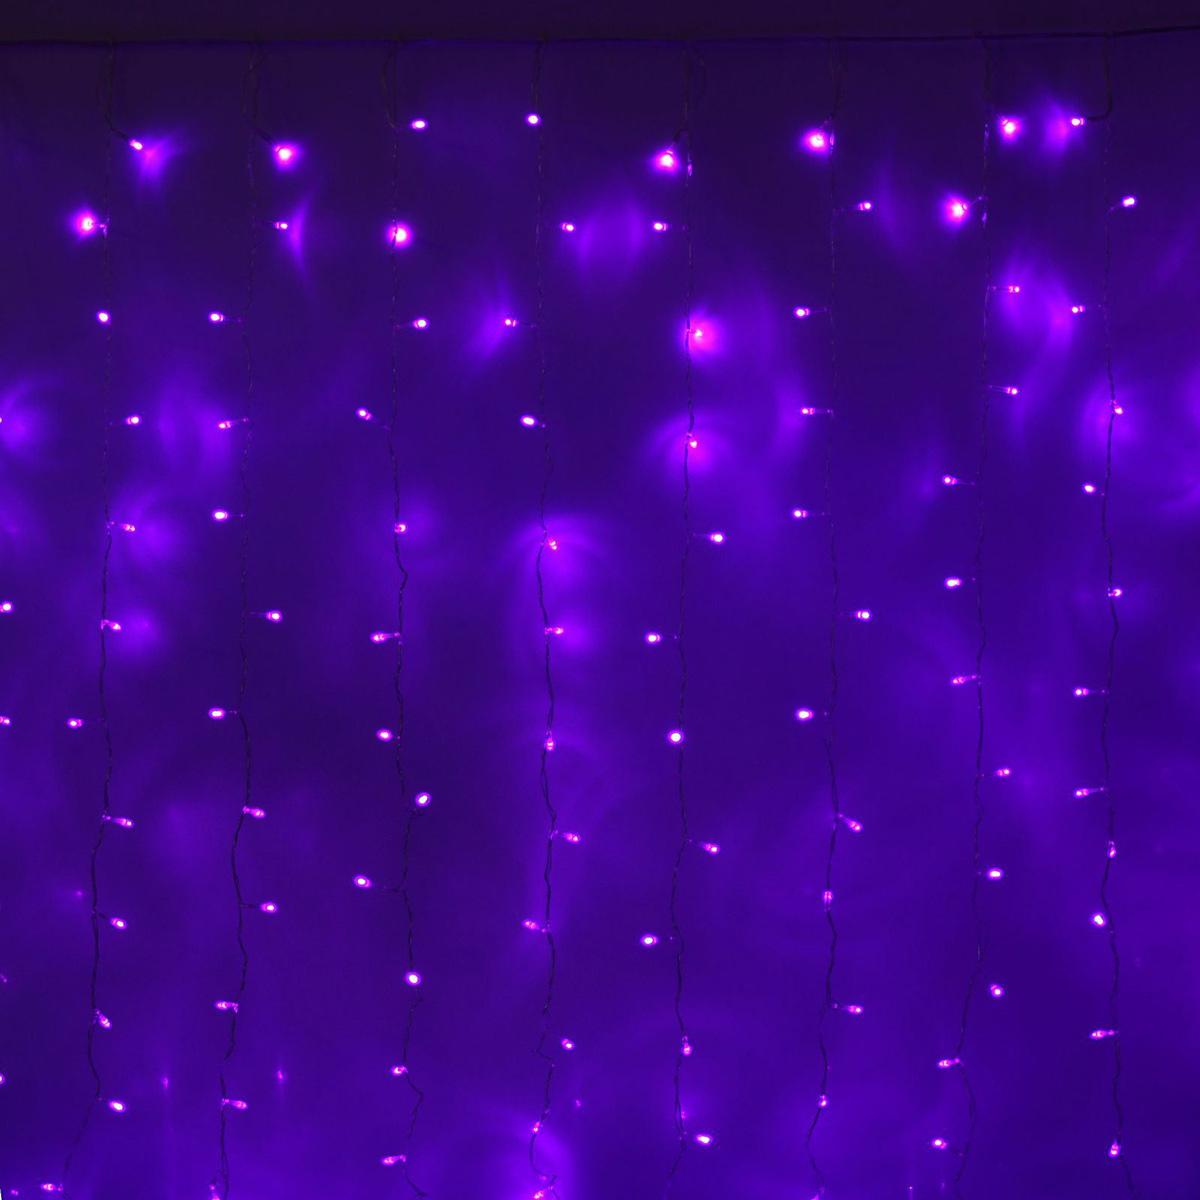 Гирлянда светодиодная Luazon Занавес, цвет: фиолетовый, 720 ламп, 8 режимов, 220 V, 2 х 3 м. 10804761080476Светодиодные гирлянды и ленты — это отличный вариант для новогоднего оформления интерьера или фасада. С их помощью помещение любого размера можно превратить в праздничный зал, а внешние элементы зданий, украшенные ими, мгновенно станут напоминать очертания сказочного дворца. Такие украшения создают ауру предвкушения чуда. Деревья, фасады, витрины, окна и арки будто специально созданы, чтобы вы украсили их светящимися нитями.